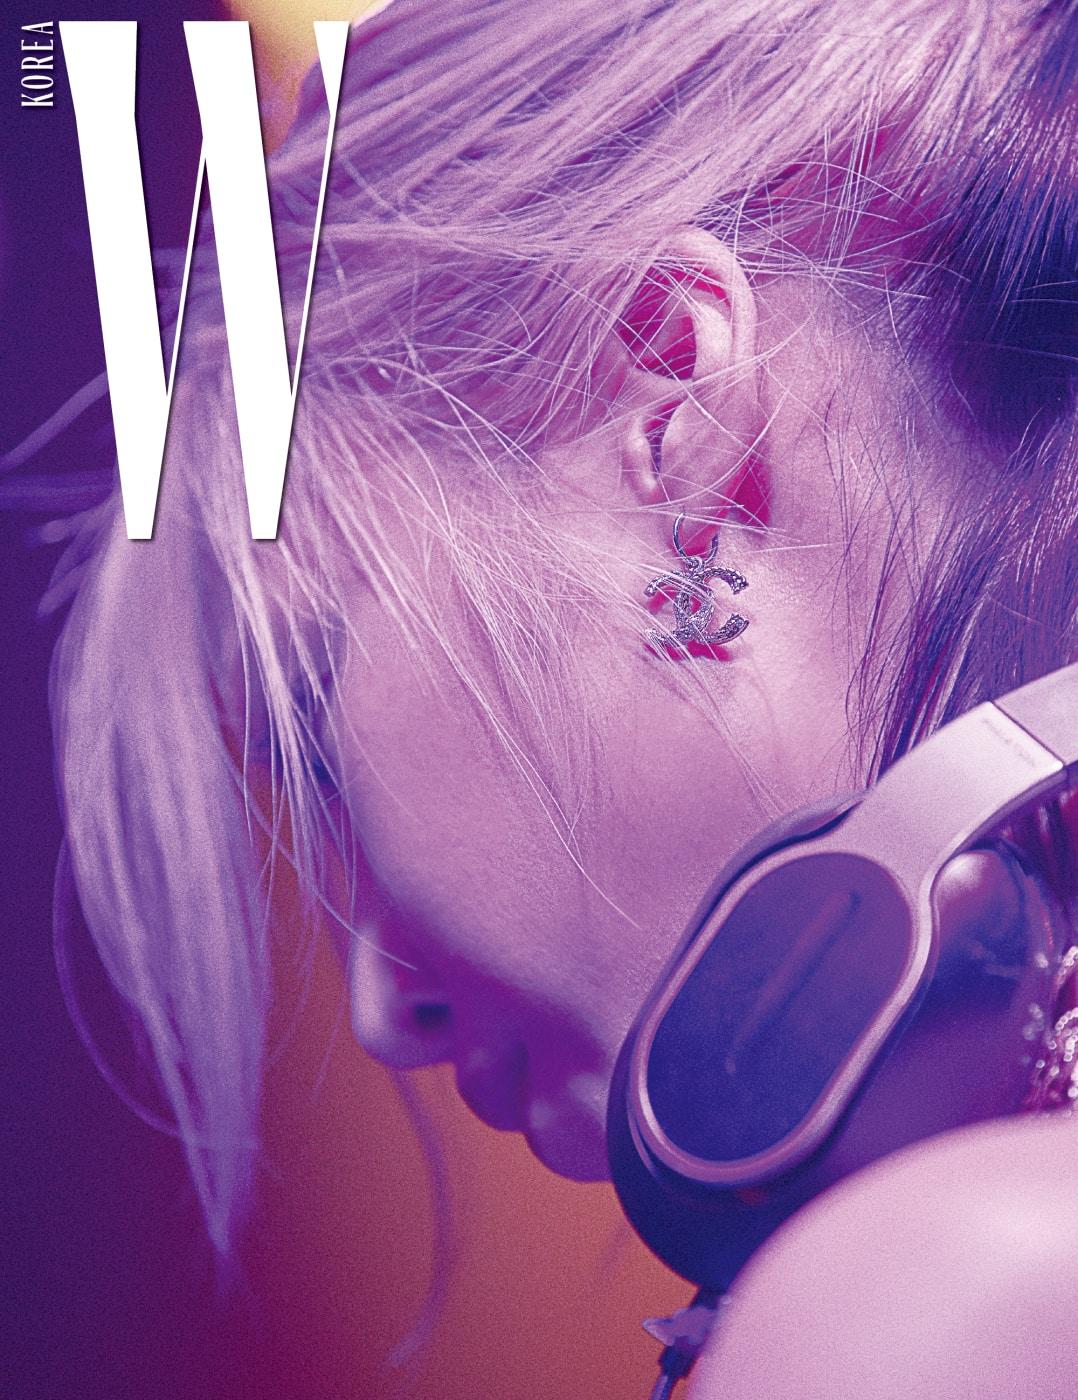 파티의 DJ로 나선 수주의 귀에 걸린 샤넬 로고 귀고리.